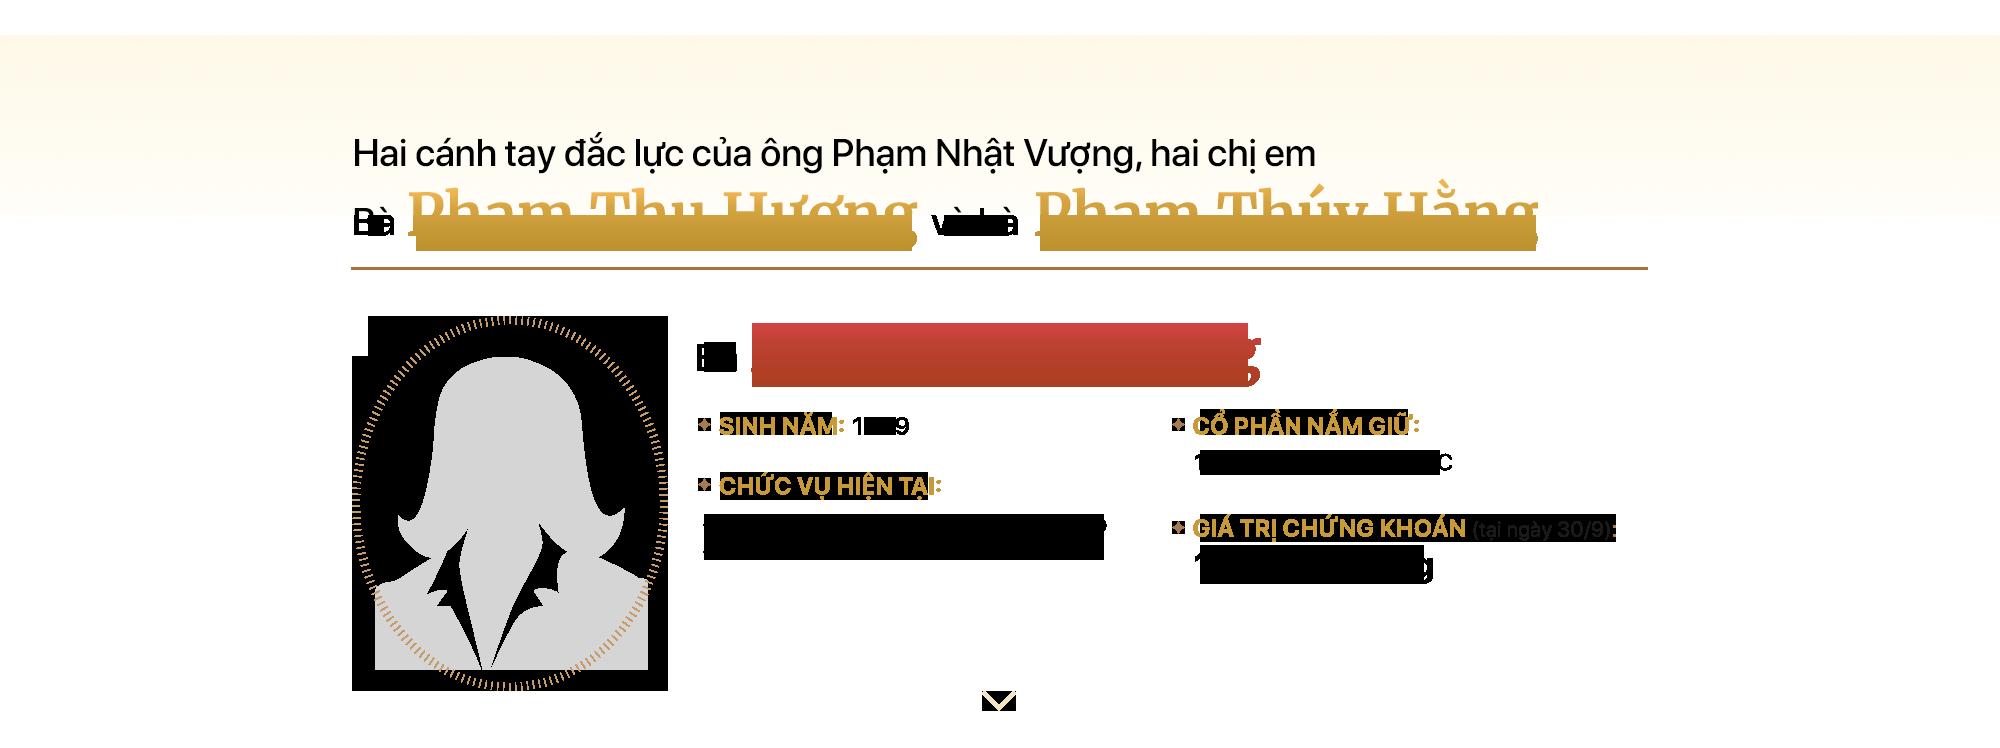 TOP10 NỮ DOANH NHÂN SỞ HỮU HÀNG TRIỆU USD CỔ PHIẾU TRÊN TTCK VIỆT NAM - Ảnh 3.